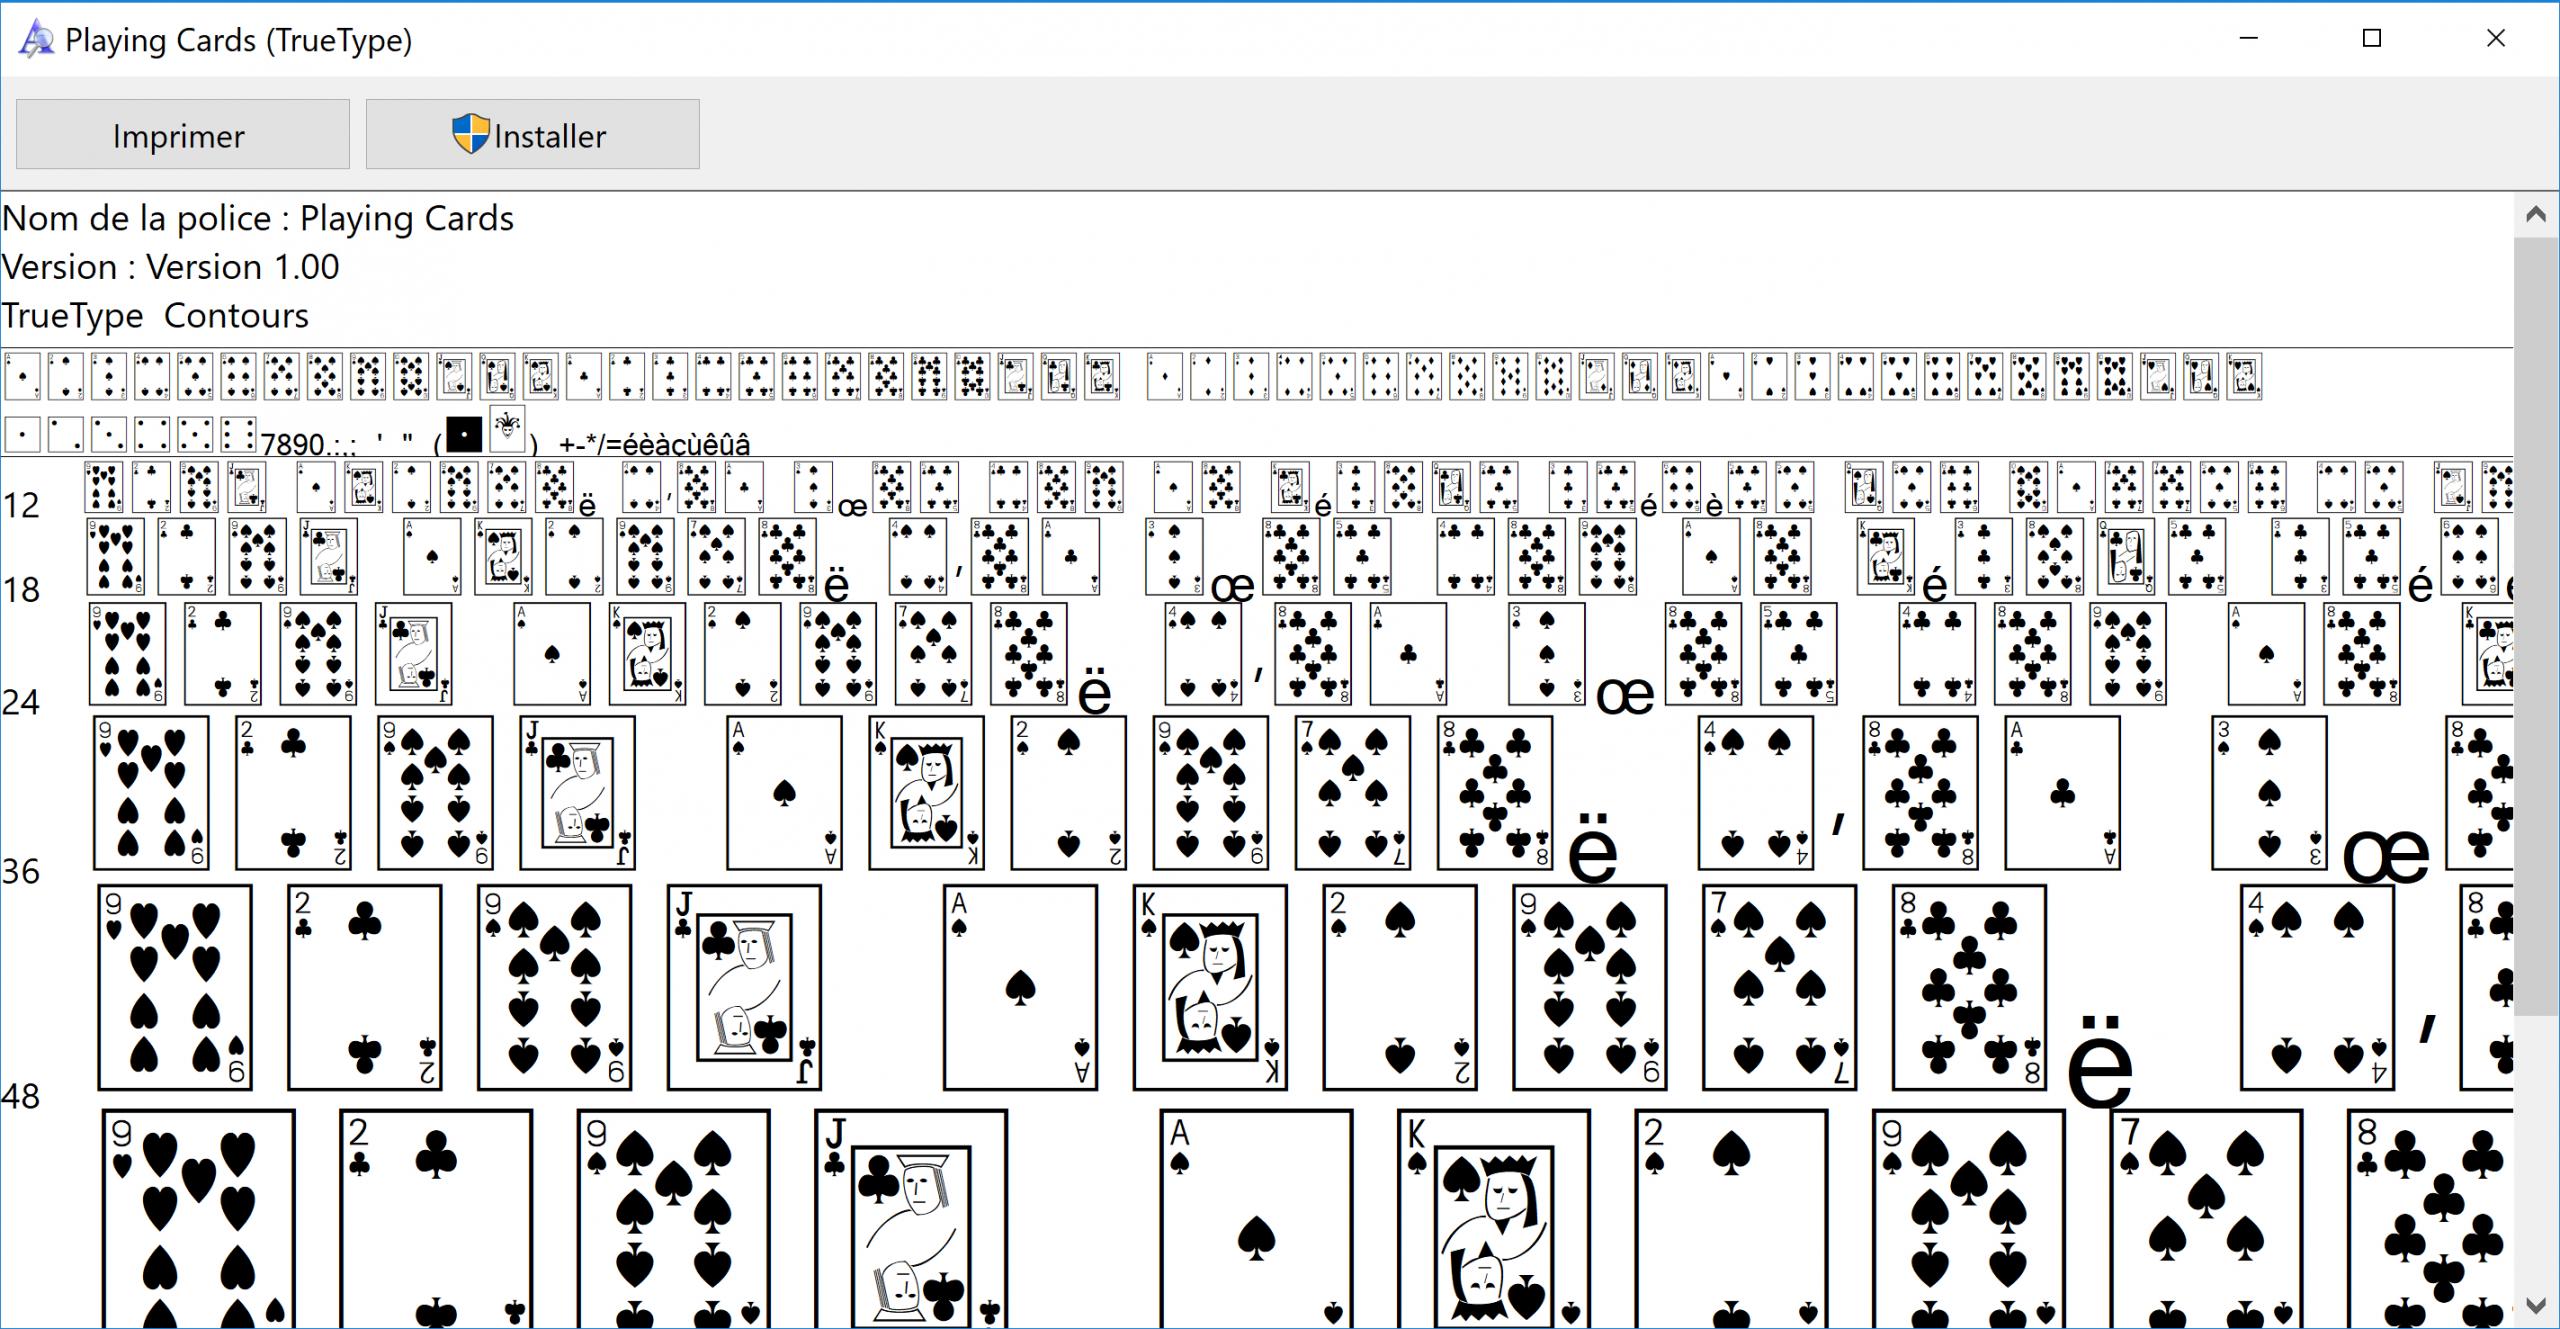 Outils & Affichages – La Méthode Heuristique De Mathématiques à Jeux Mathématiques Ce2 À Imprimer